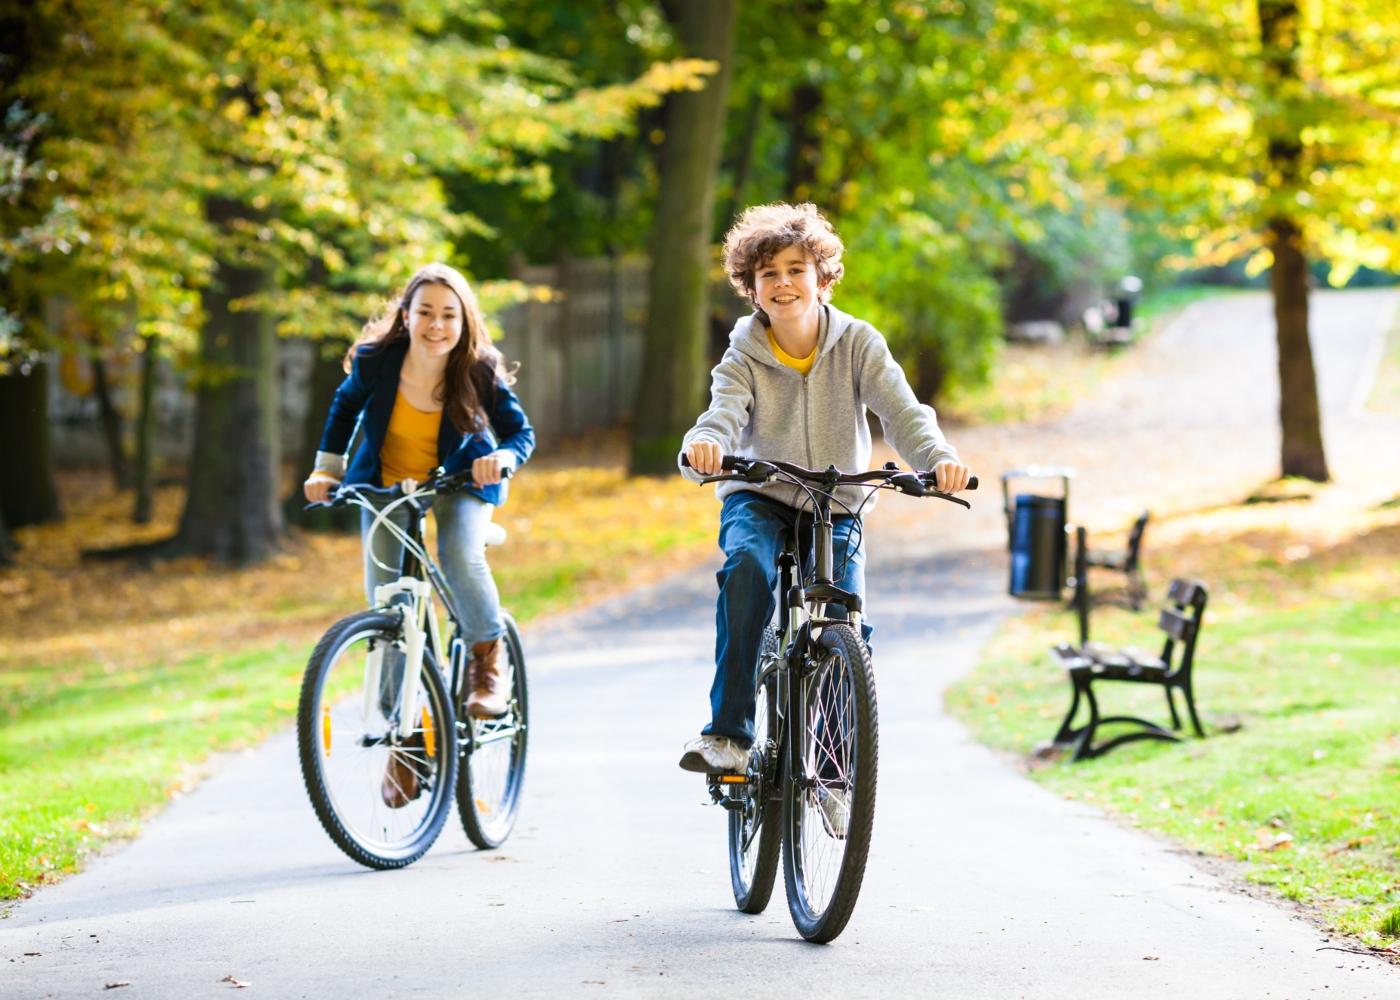 Crianças a andar de bicicleta no parque